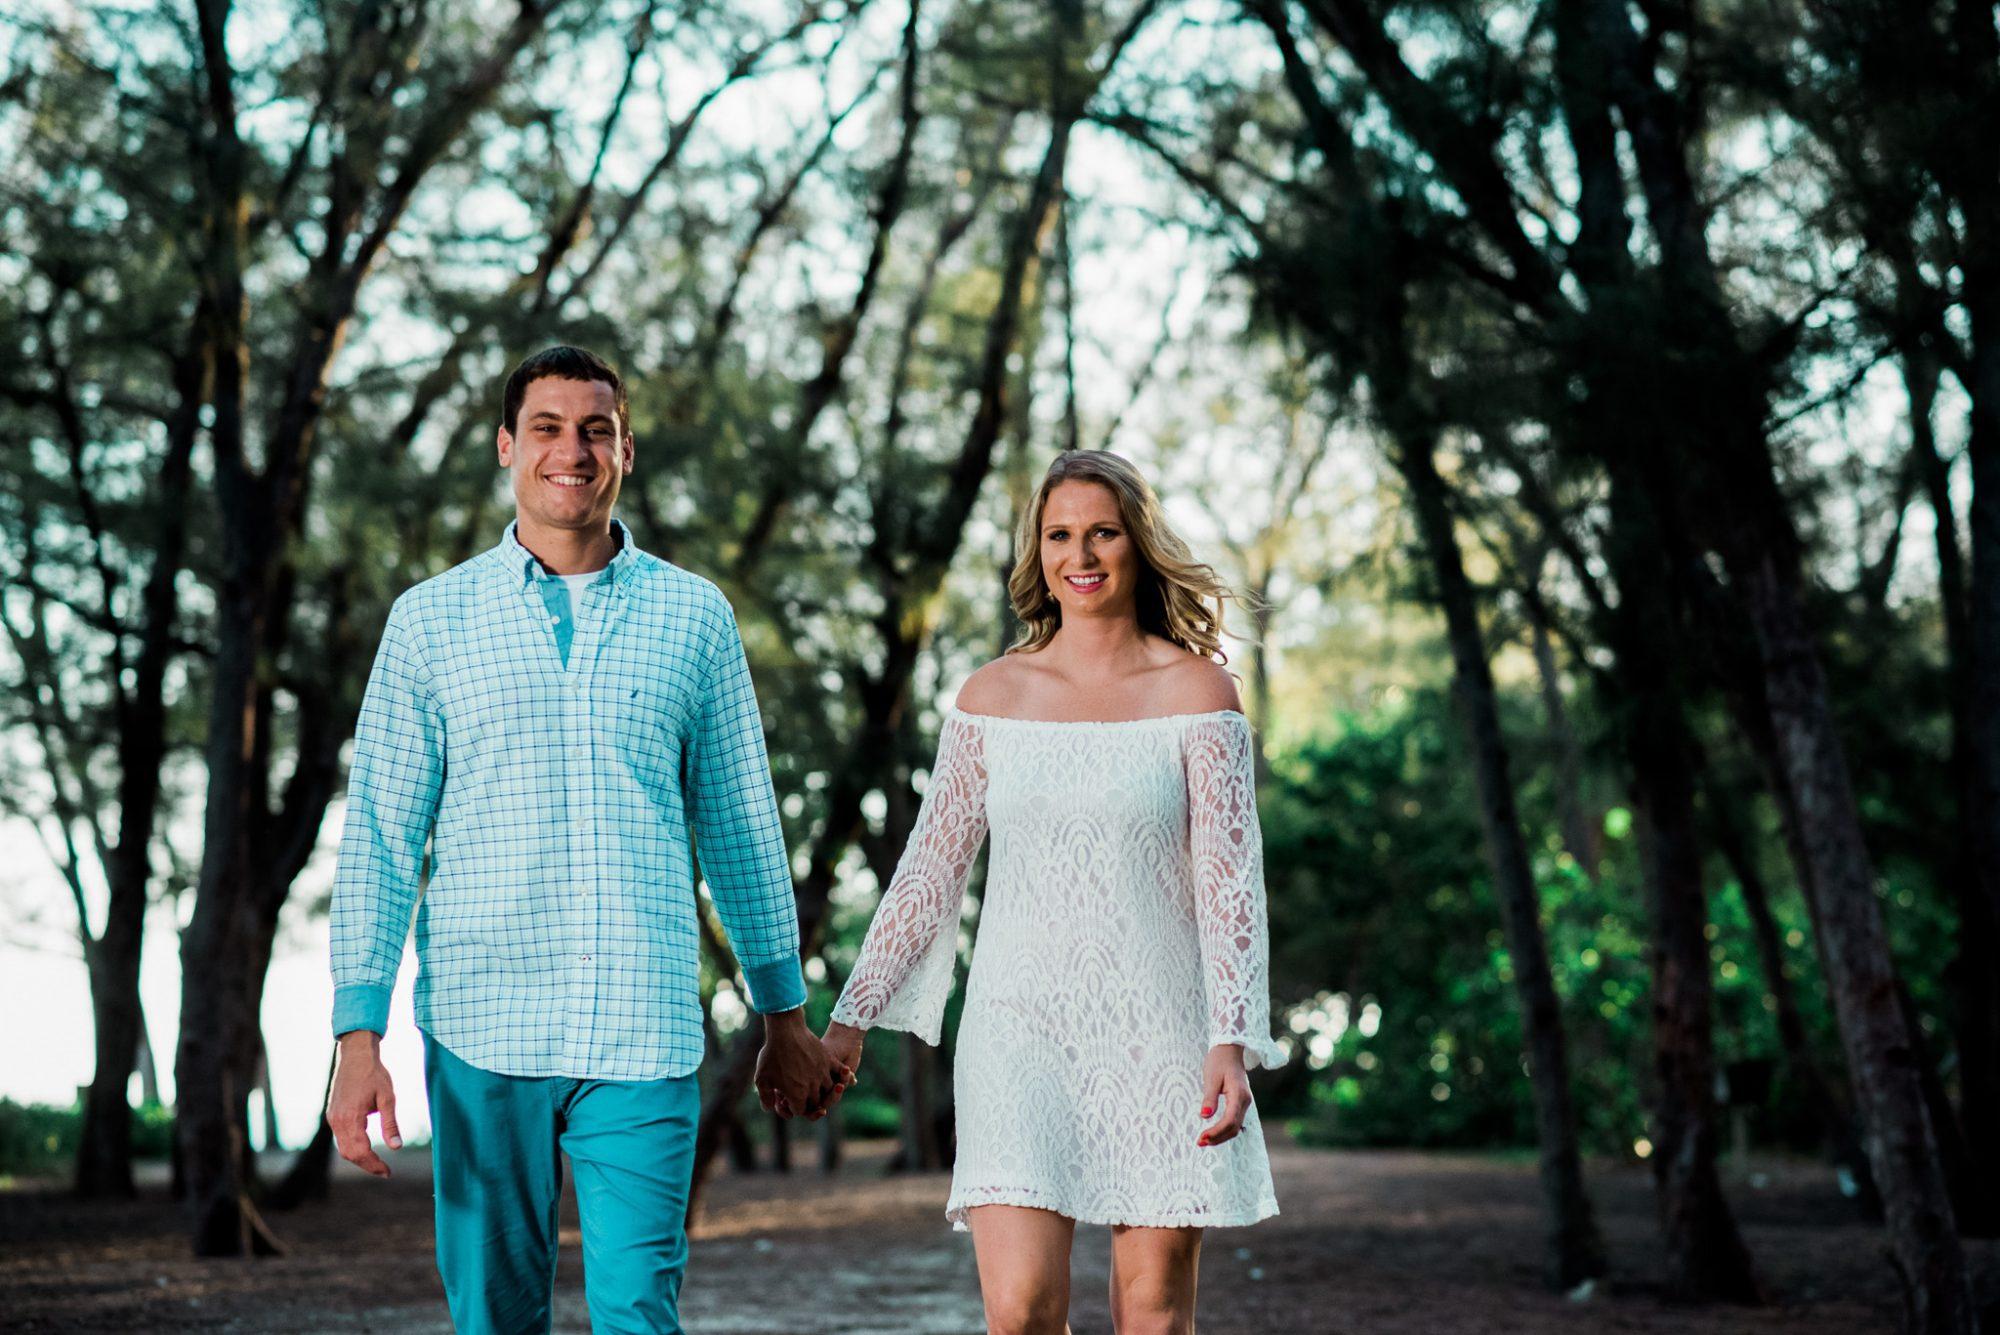 Key West Wedding Photographer - Key West Engagement Photography-8